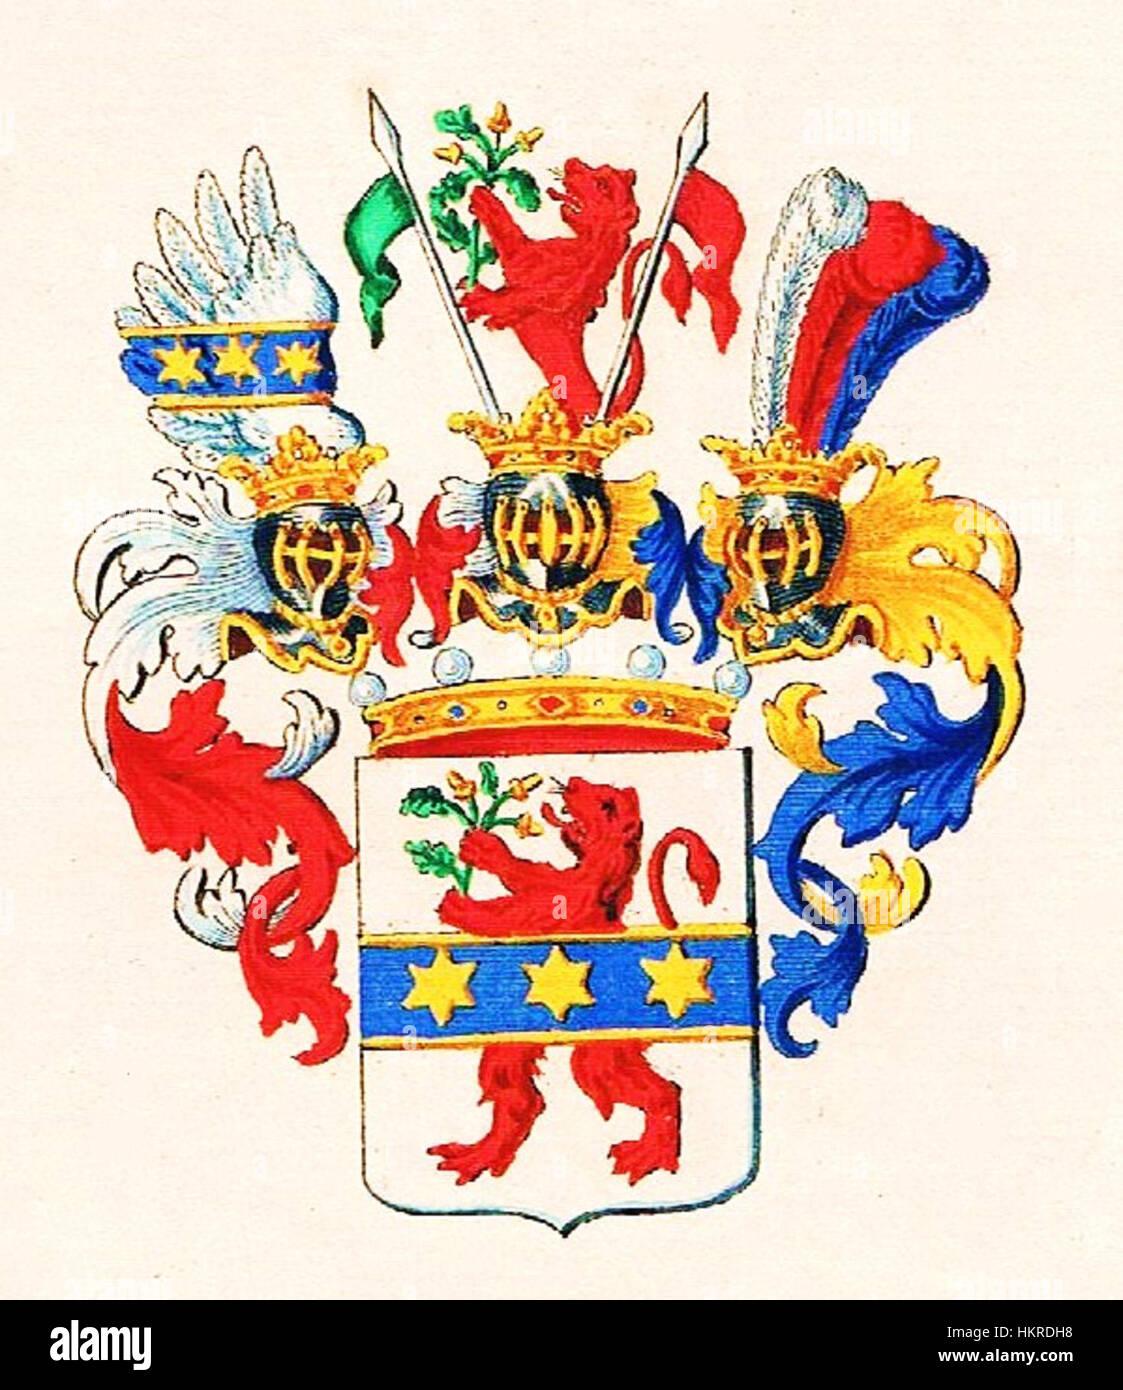 Cerrini-Freiherren-Wappen Stockfoto